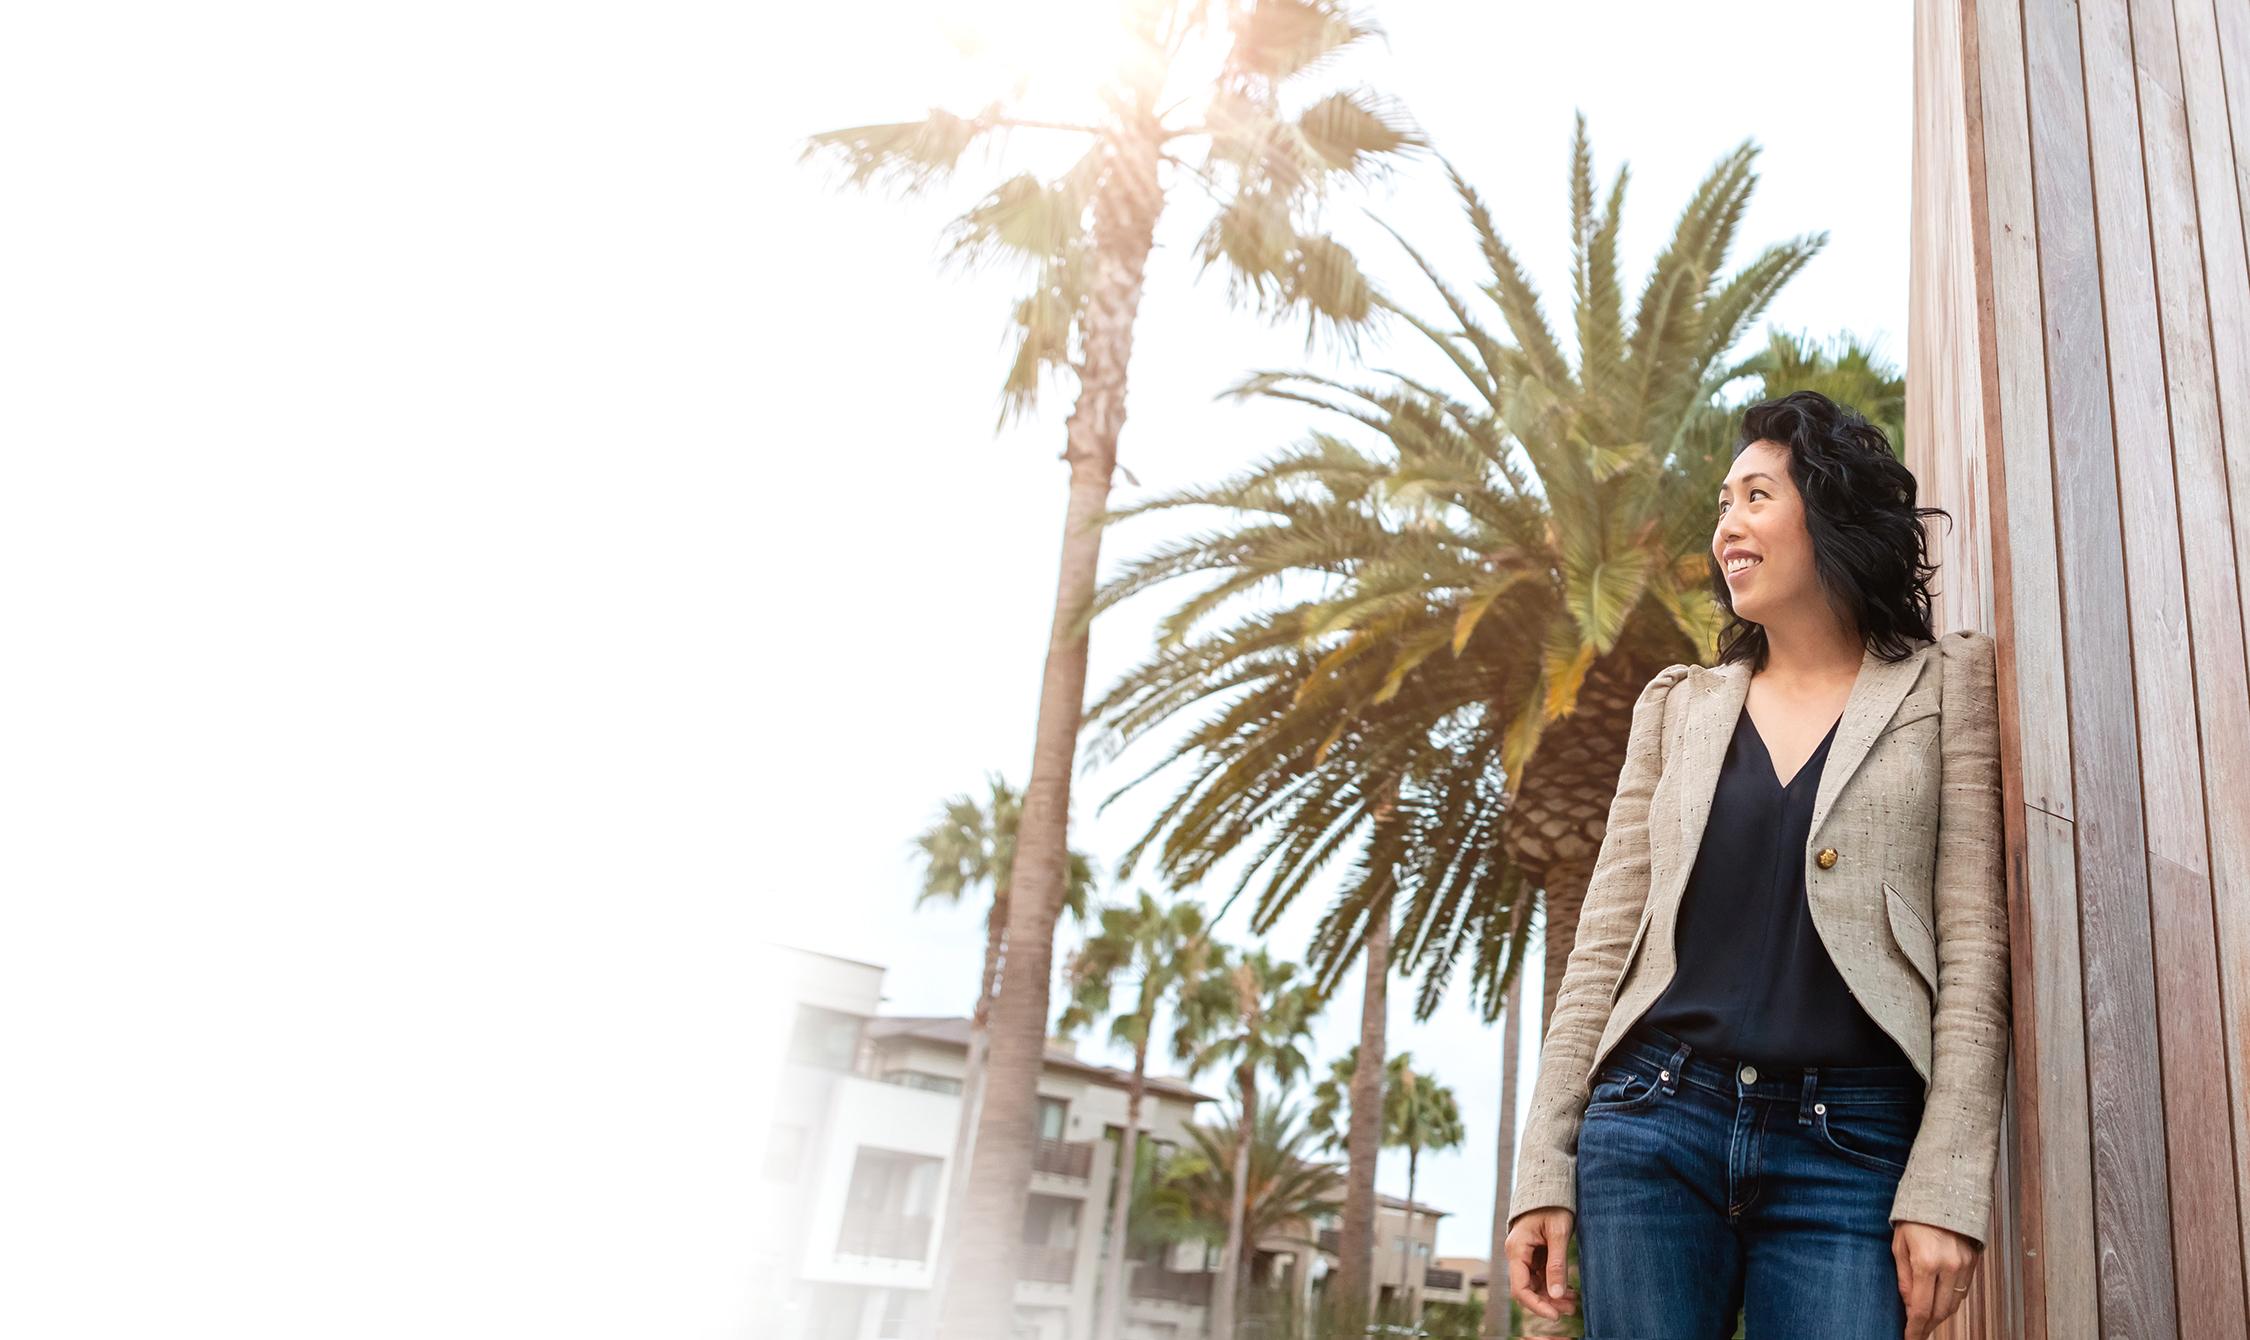 Winnie Licht - Real Estate BrokerPlaya Vista Homes Sales, Inc.at Palm Realty Boutique, Inc.DRE #01272501winnie@winnielicht.com310.745.7468